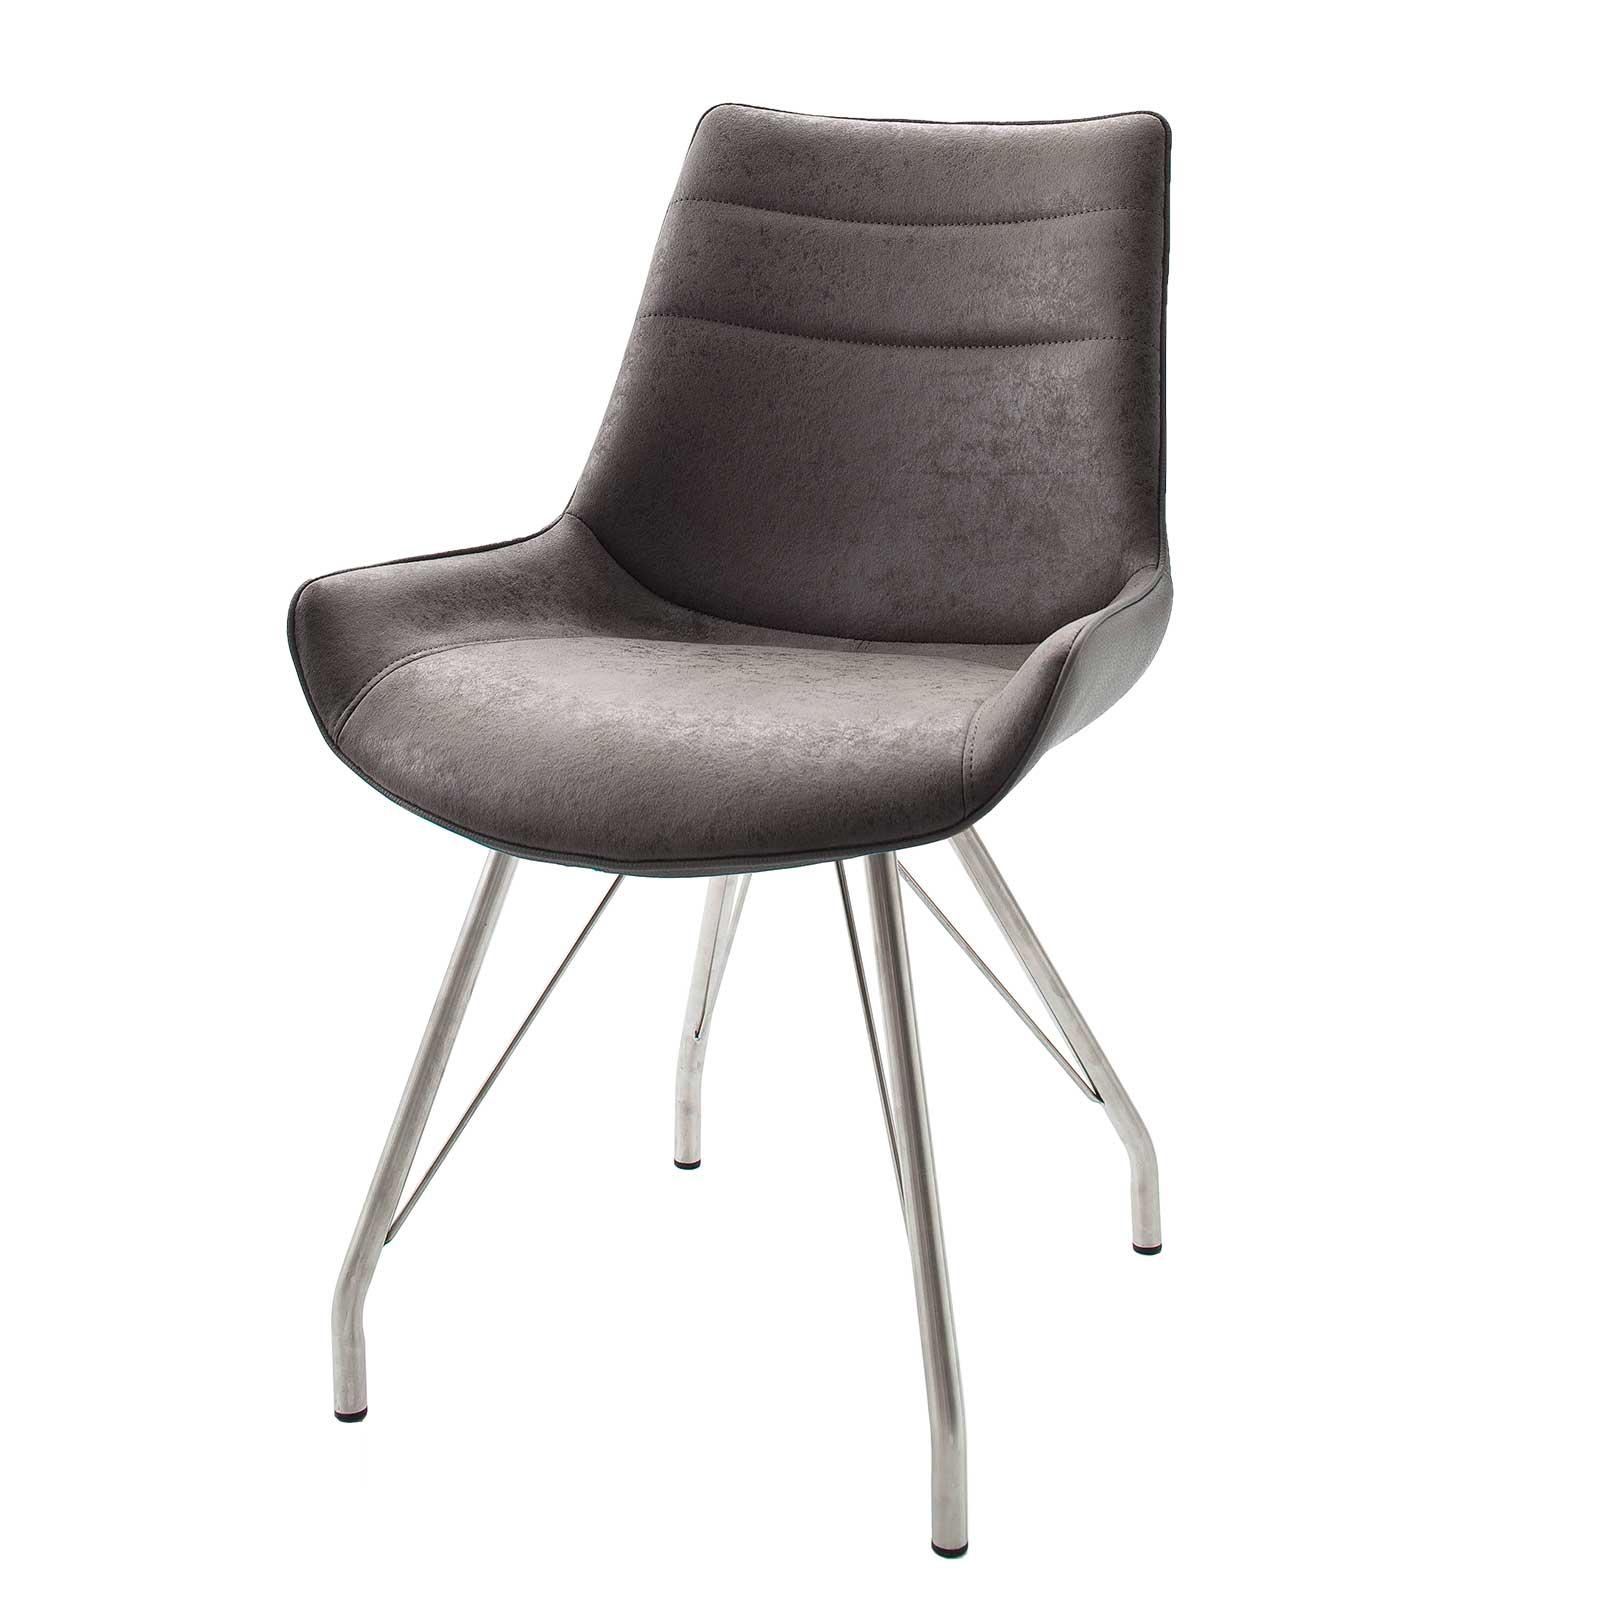 verschiedenen Stuhl und Danita B Gestellen in Farben KFTl13uJc